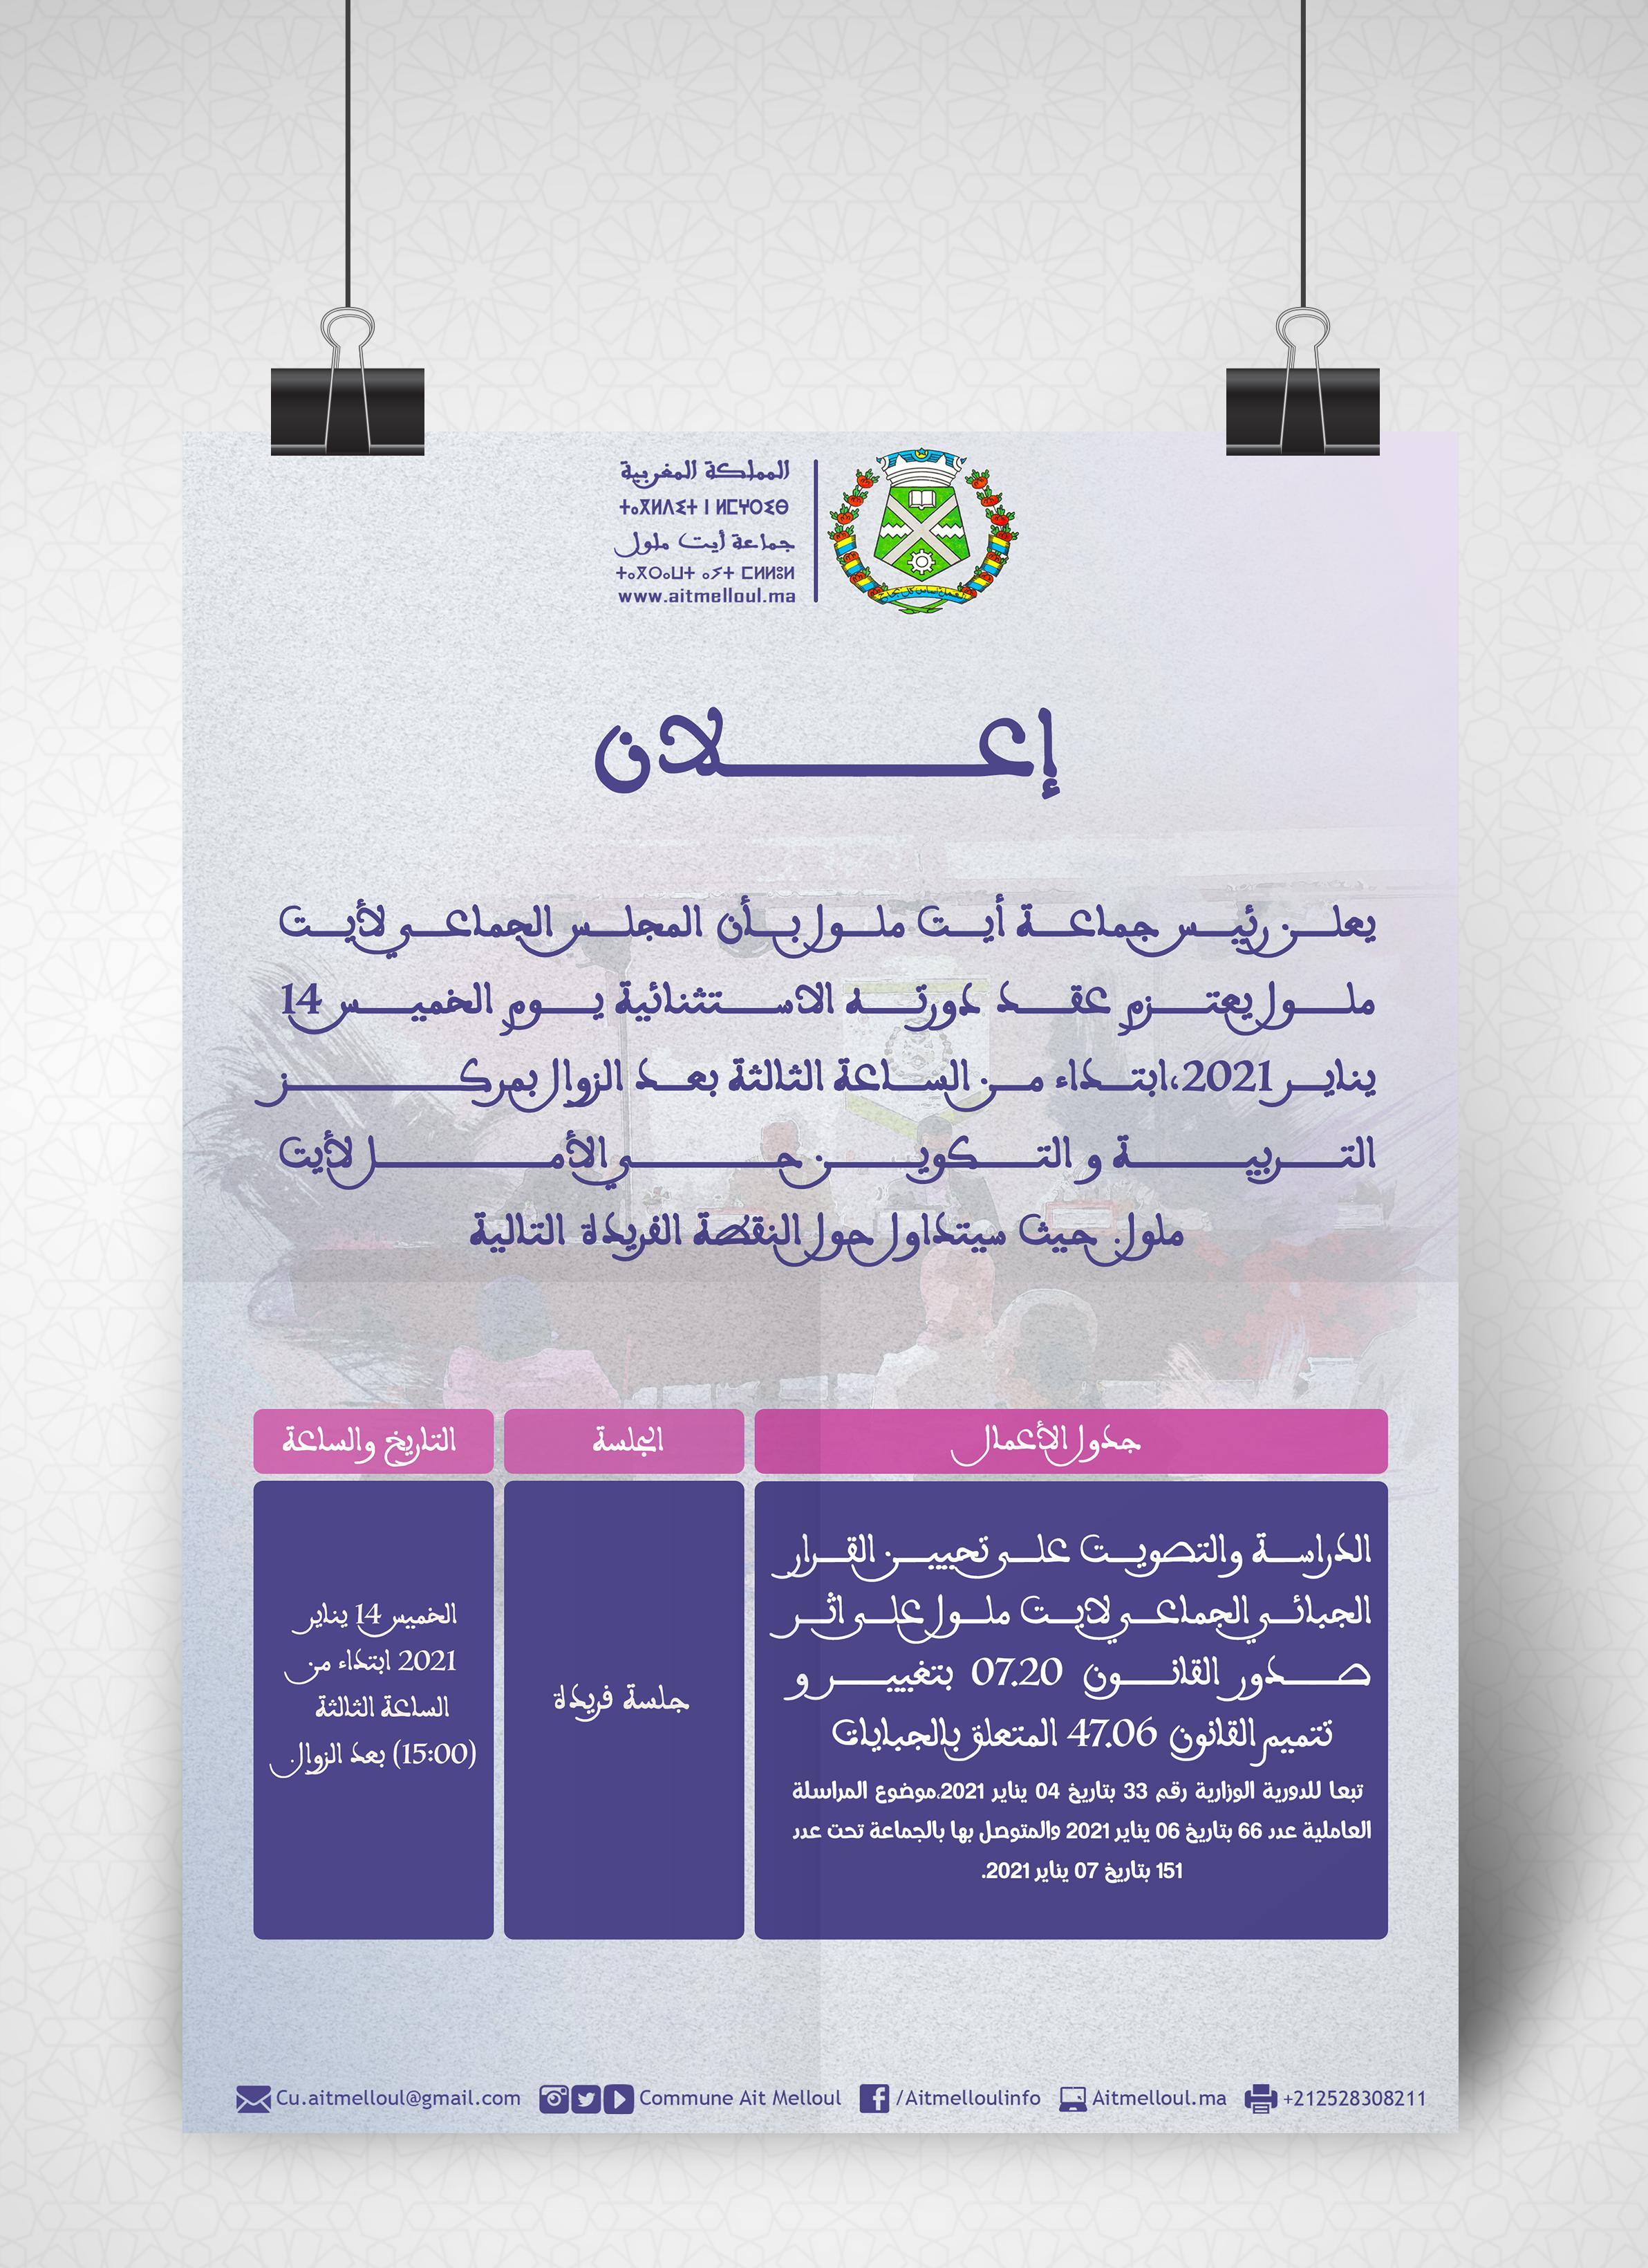 جماعة أيت ملول - إعلان عن دورة إستثنائية للمجلس الجماعي لأيت ملول يوم الخميس 14 يناير 2021